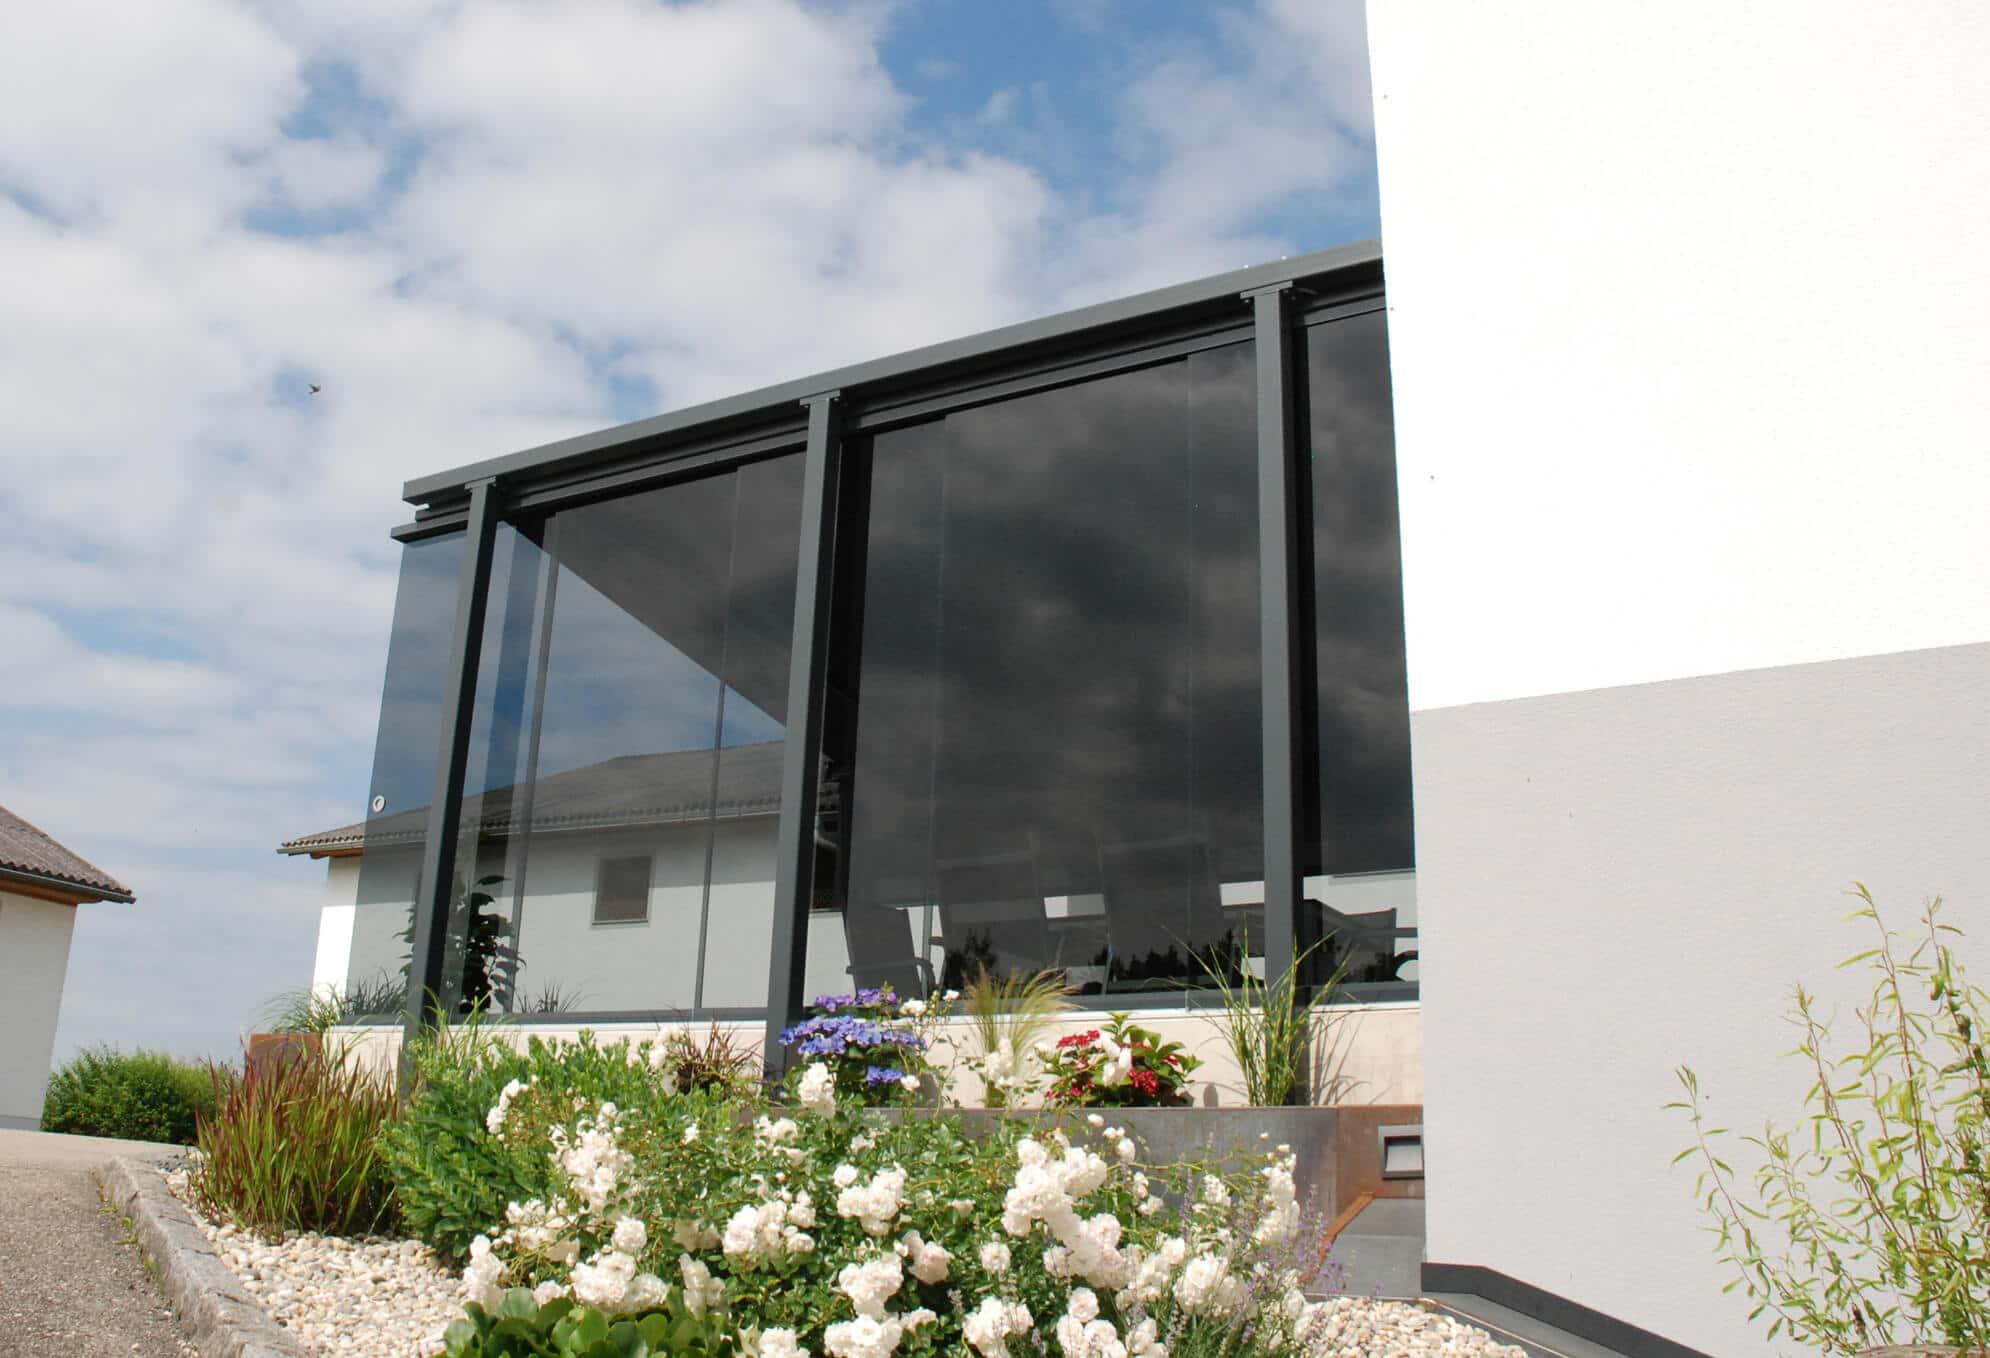 Sichtschutz aus Glas mit Montage